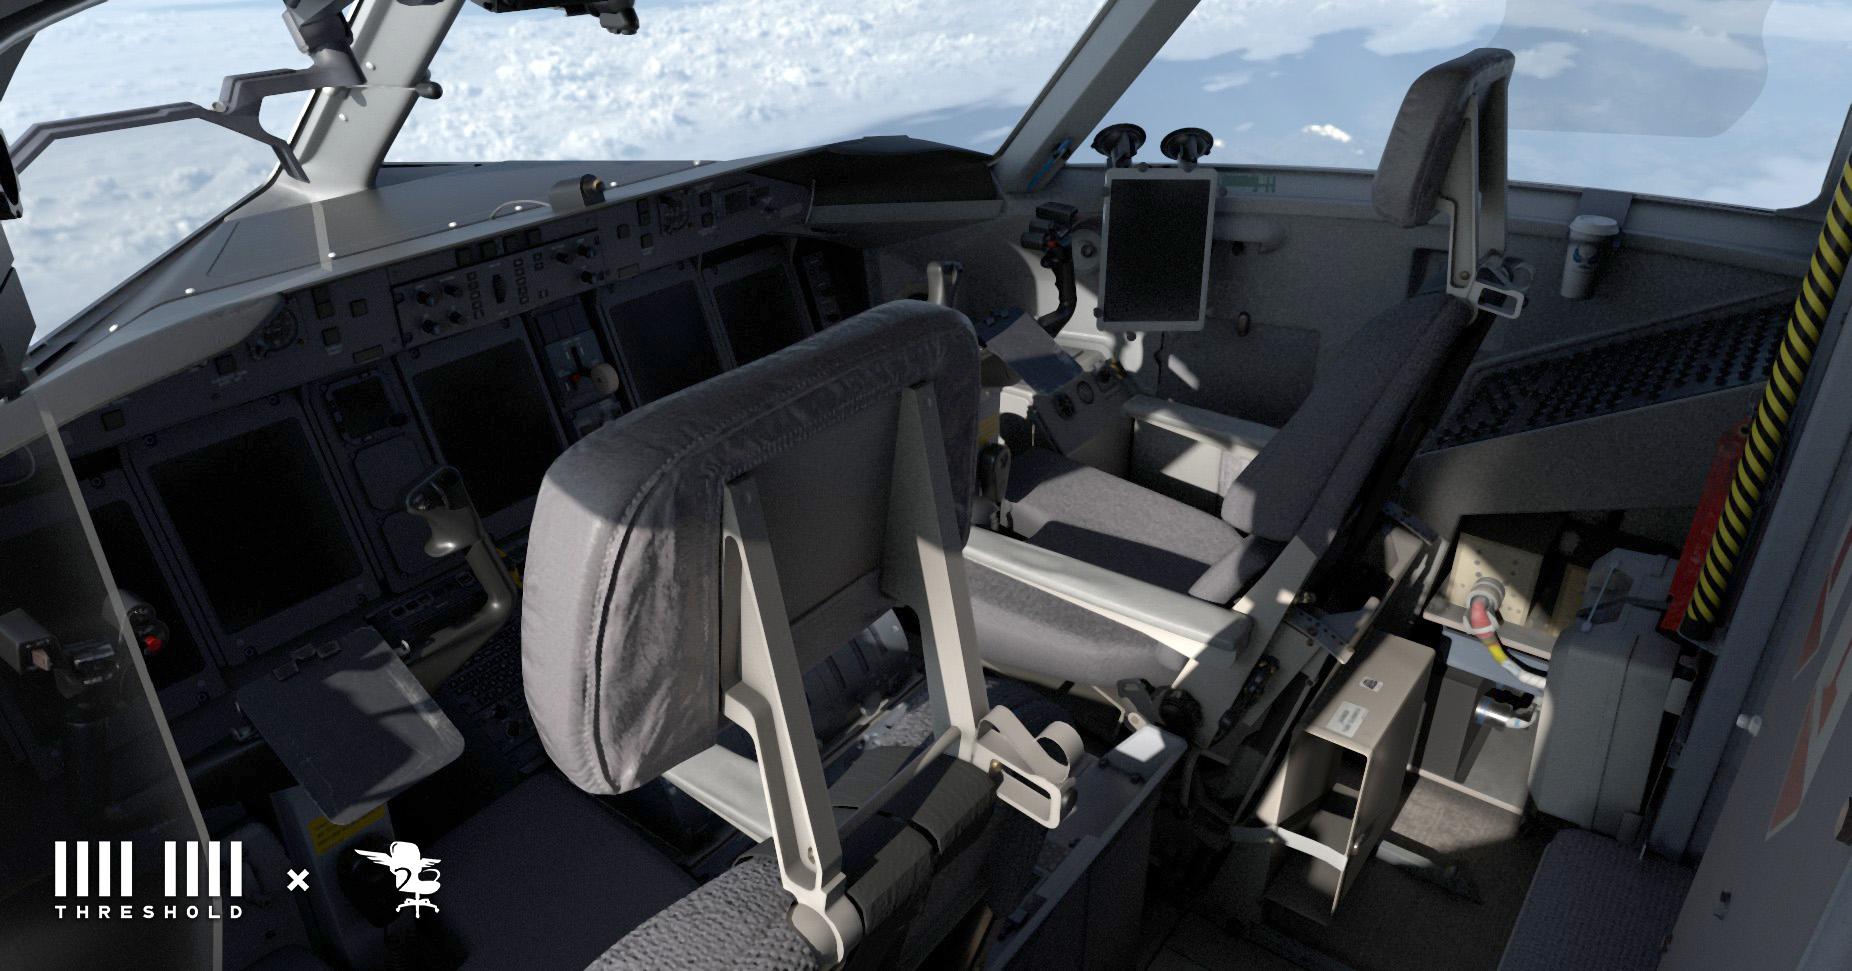 5db2b81347669c6239414a71_Cockpit5-1.jpg